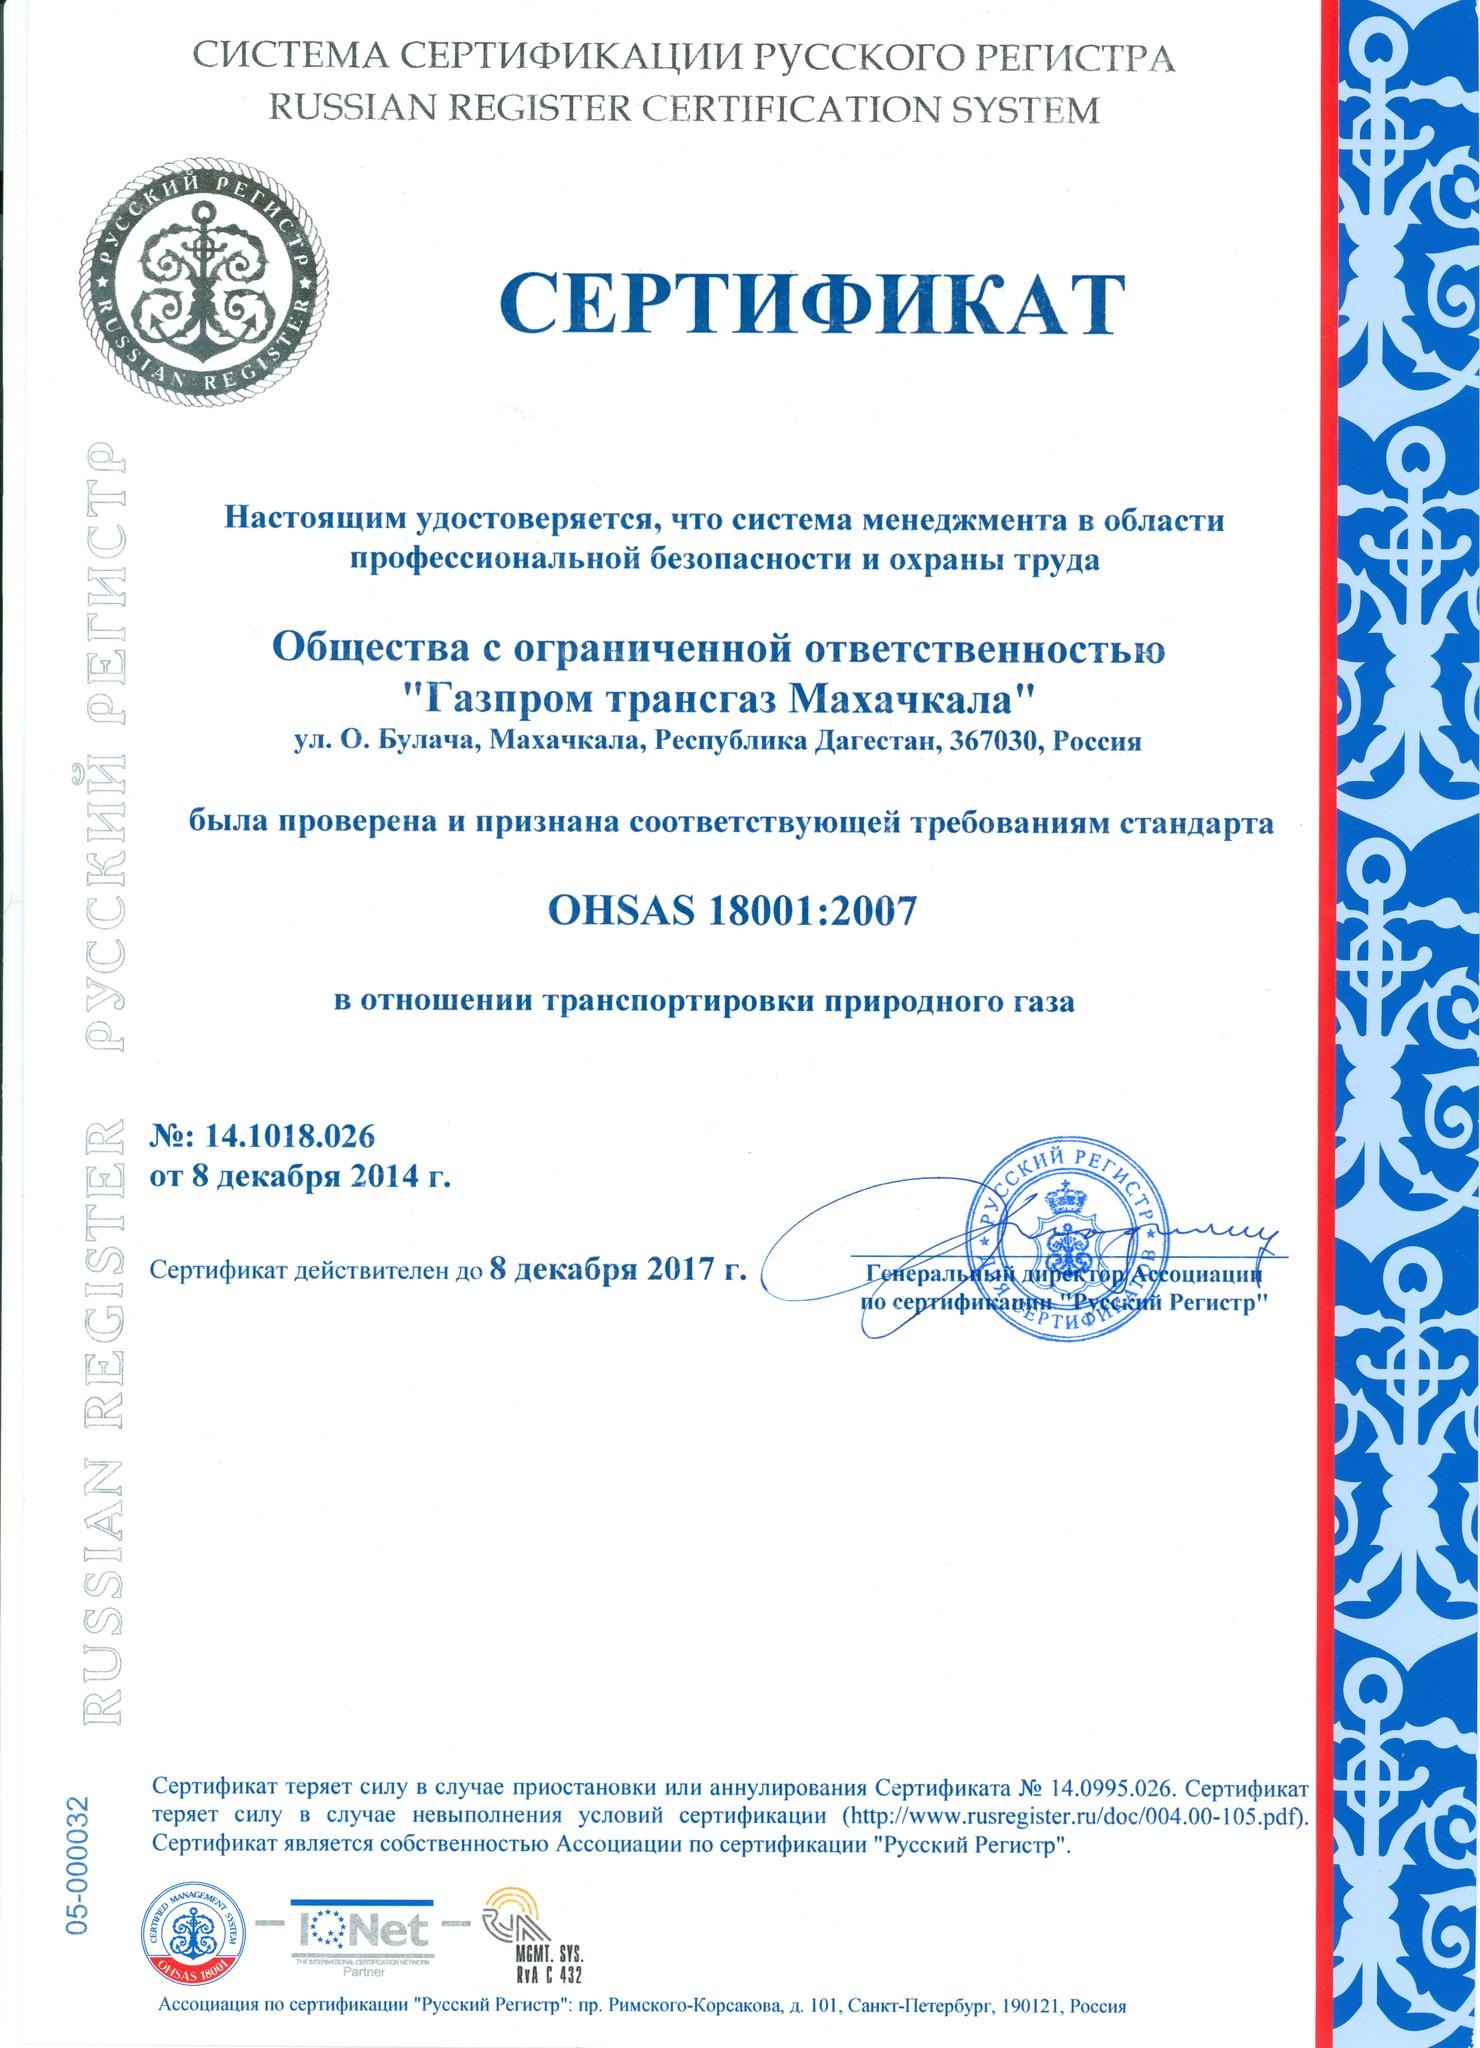 Получение сертификата доверия по охране труда сертификация в европейском авиационном агентстве